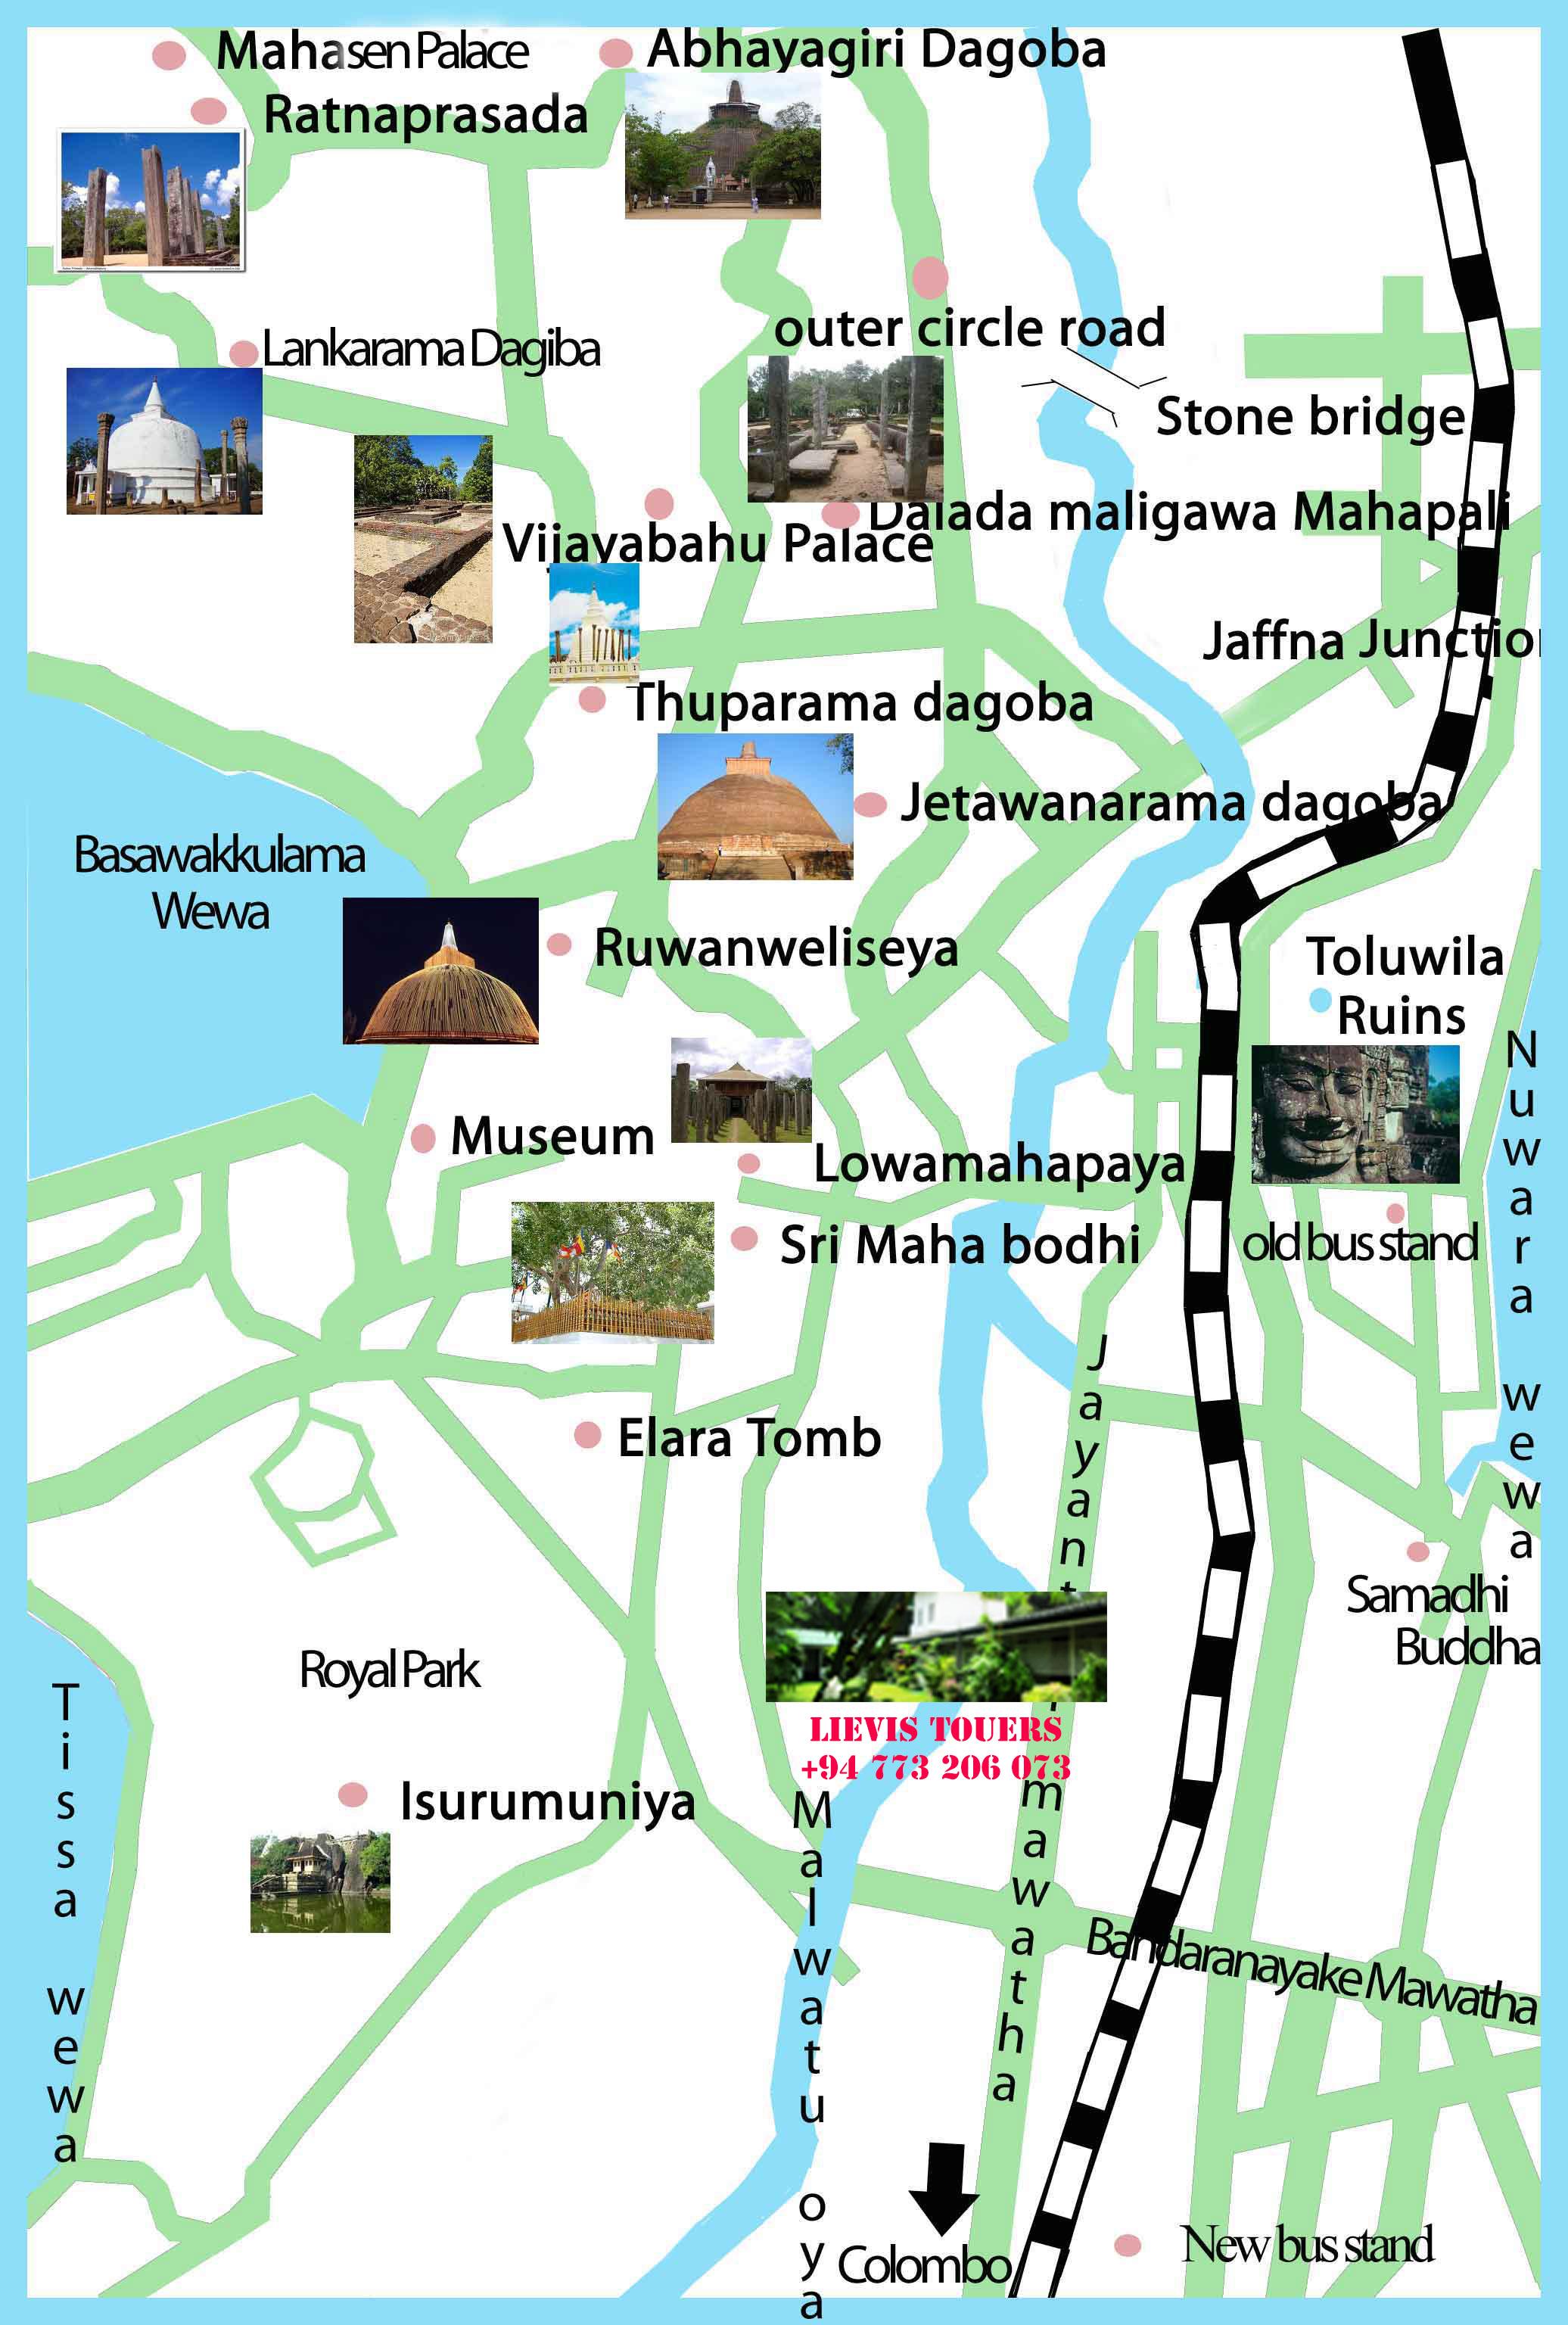 Главные достопримечаельности Анурадхапуры на карте